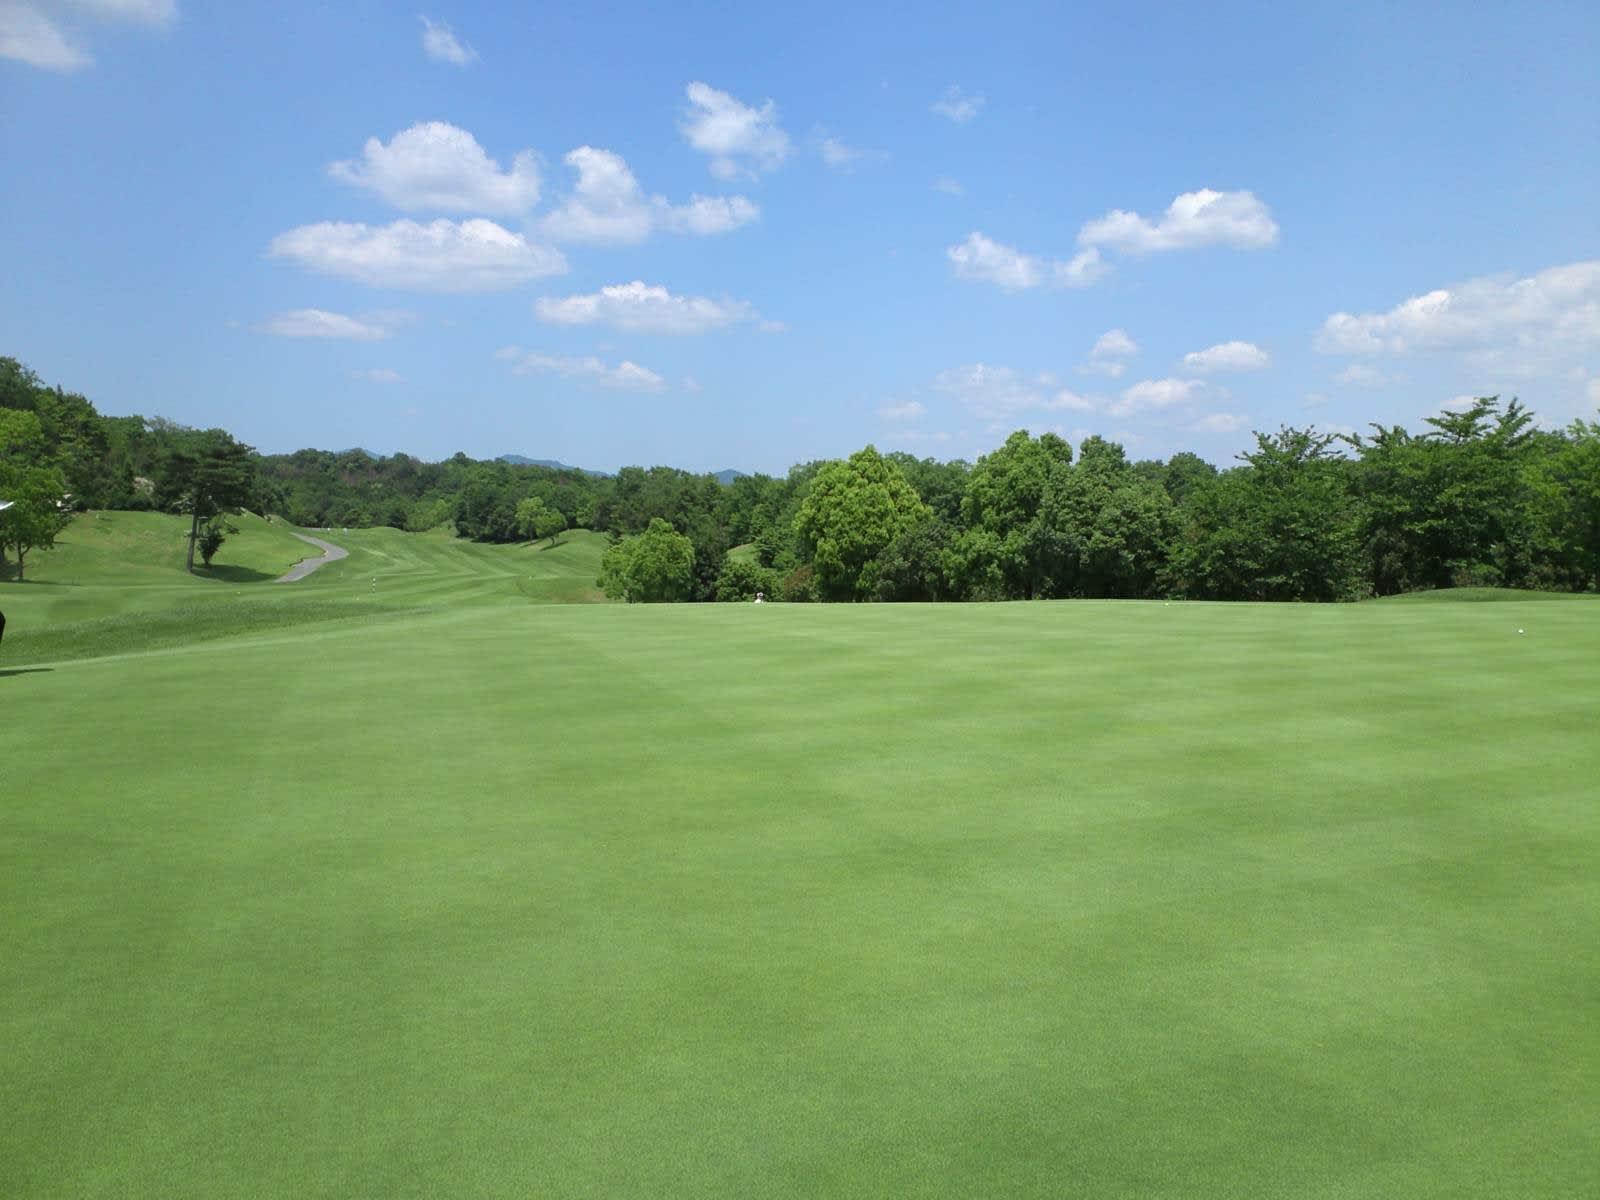 東条パインバレーゴルフクラブ(旧タイガースゴルフクラブ) - いまだ 東条パインバレーゴルフクラ